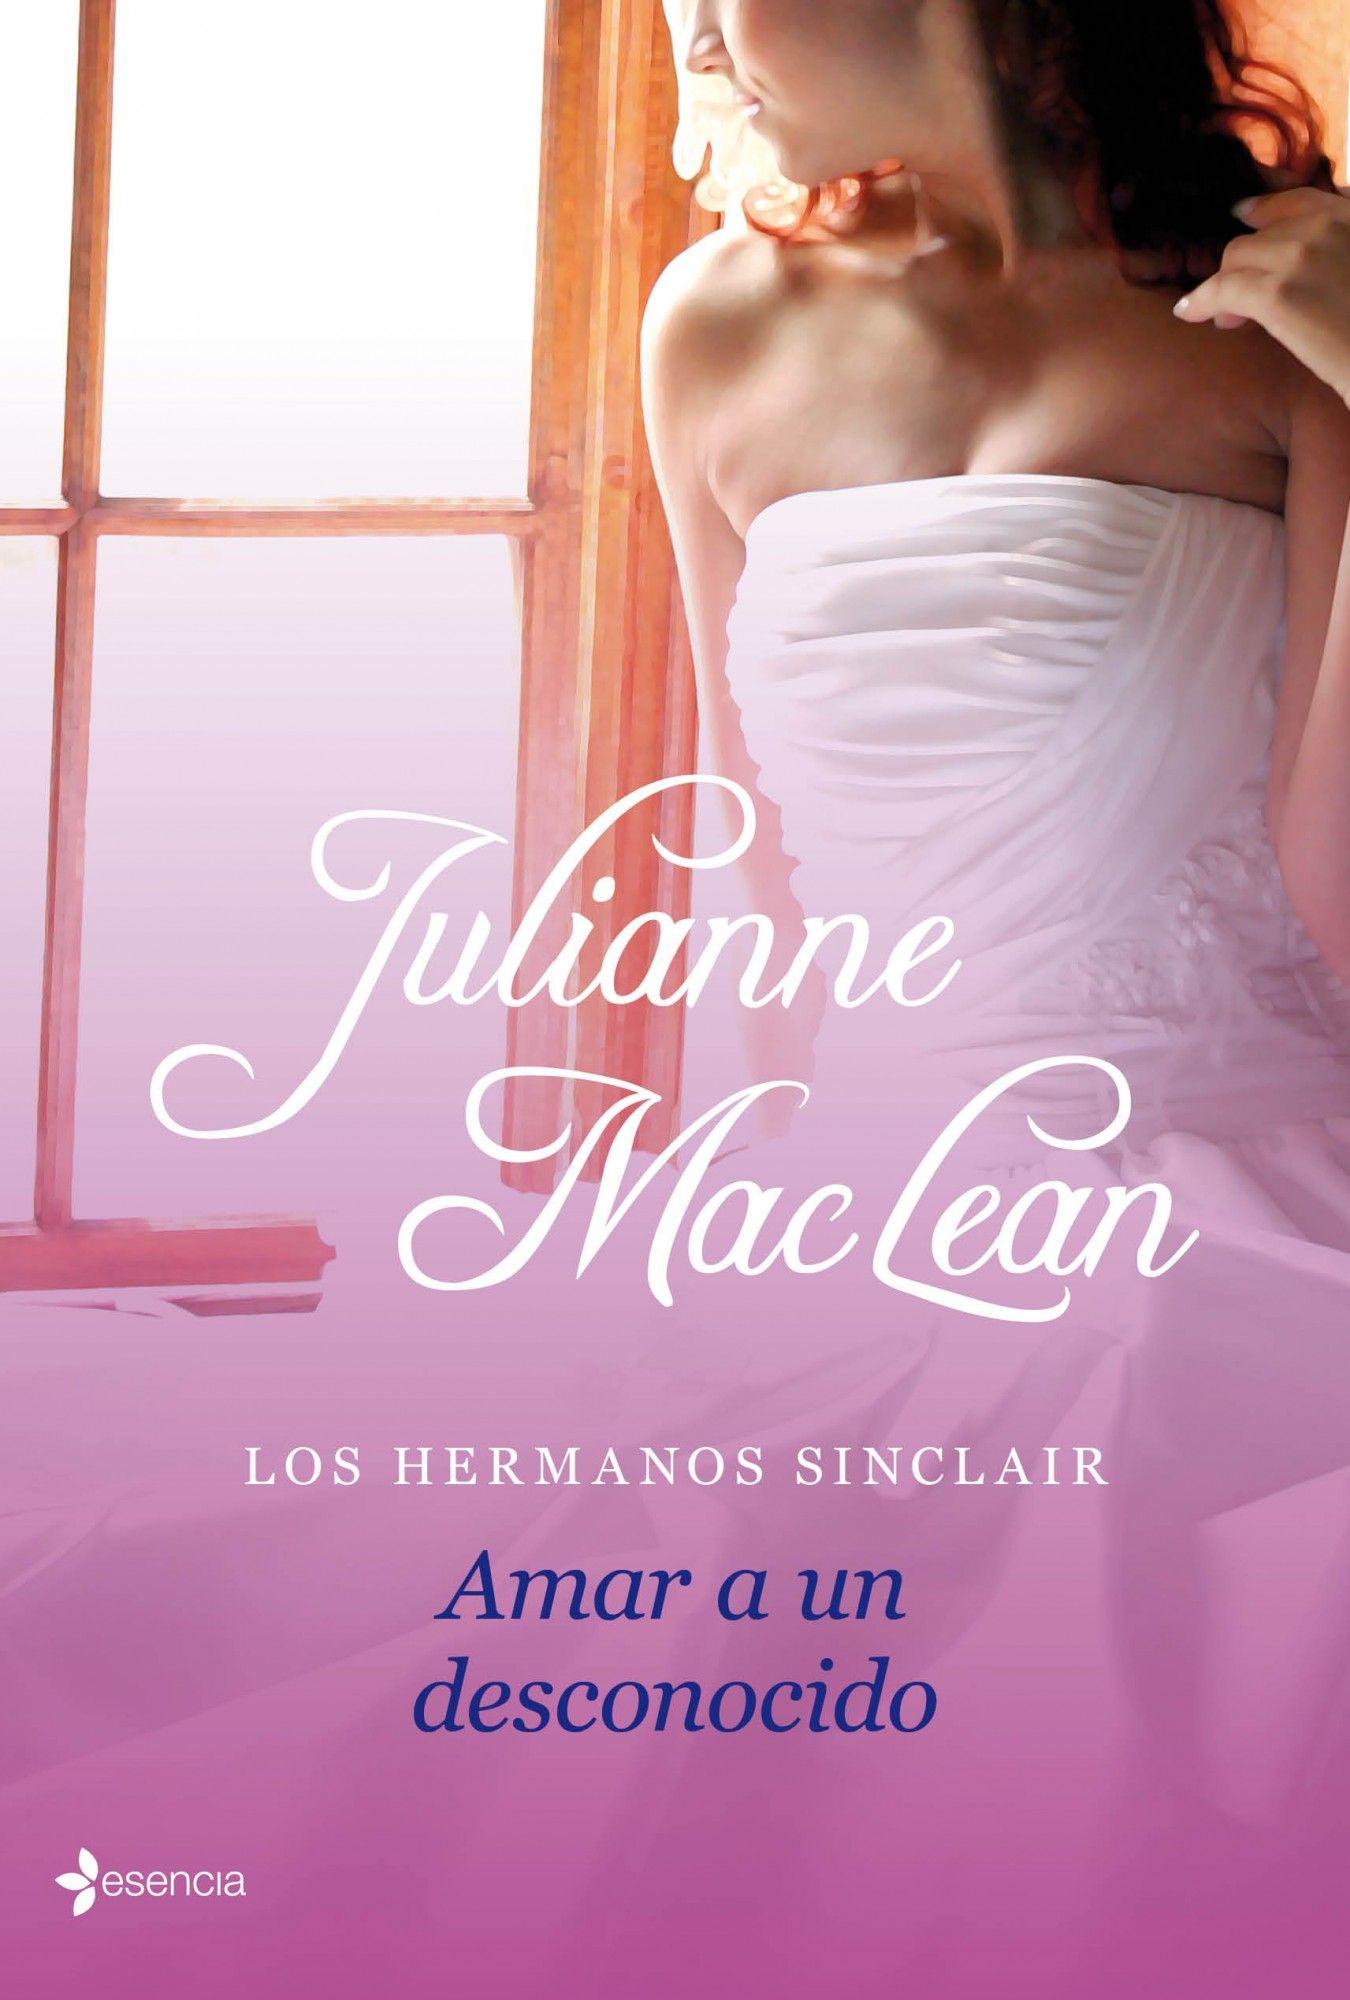 Los Hermanos Sinclair Amar A Un Desconocido Julianne Maclean Libros Romanticos Libros De Romance Libros